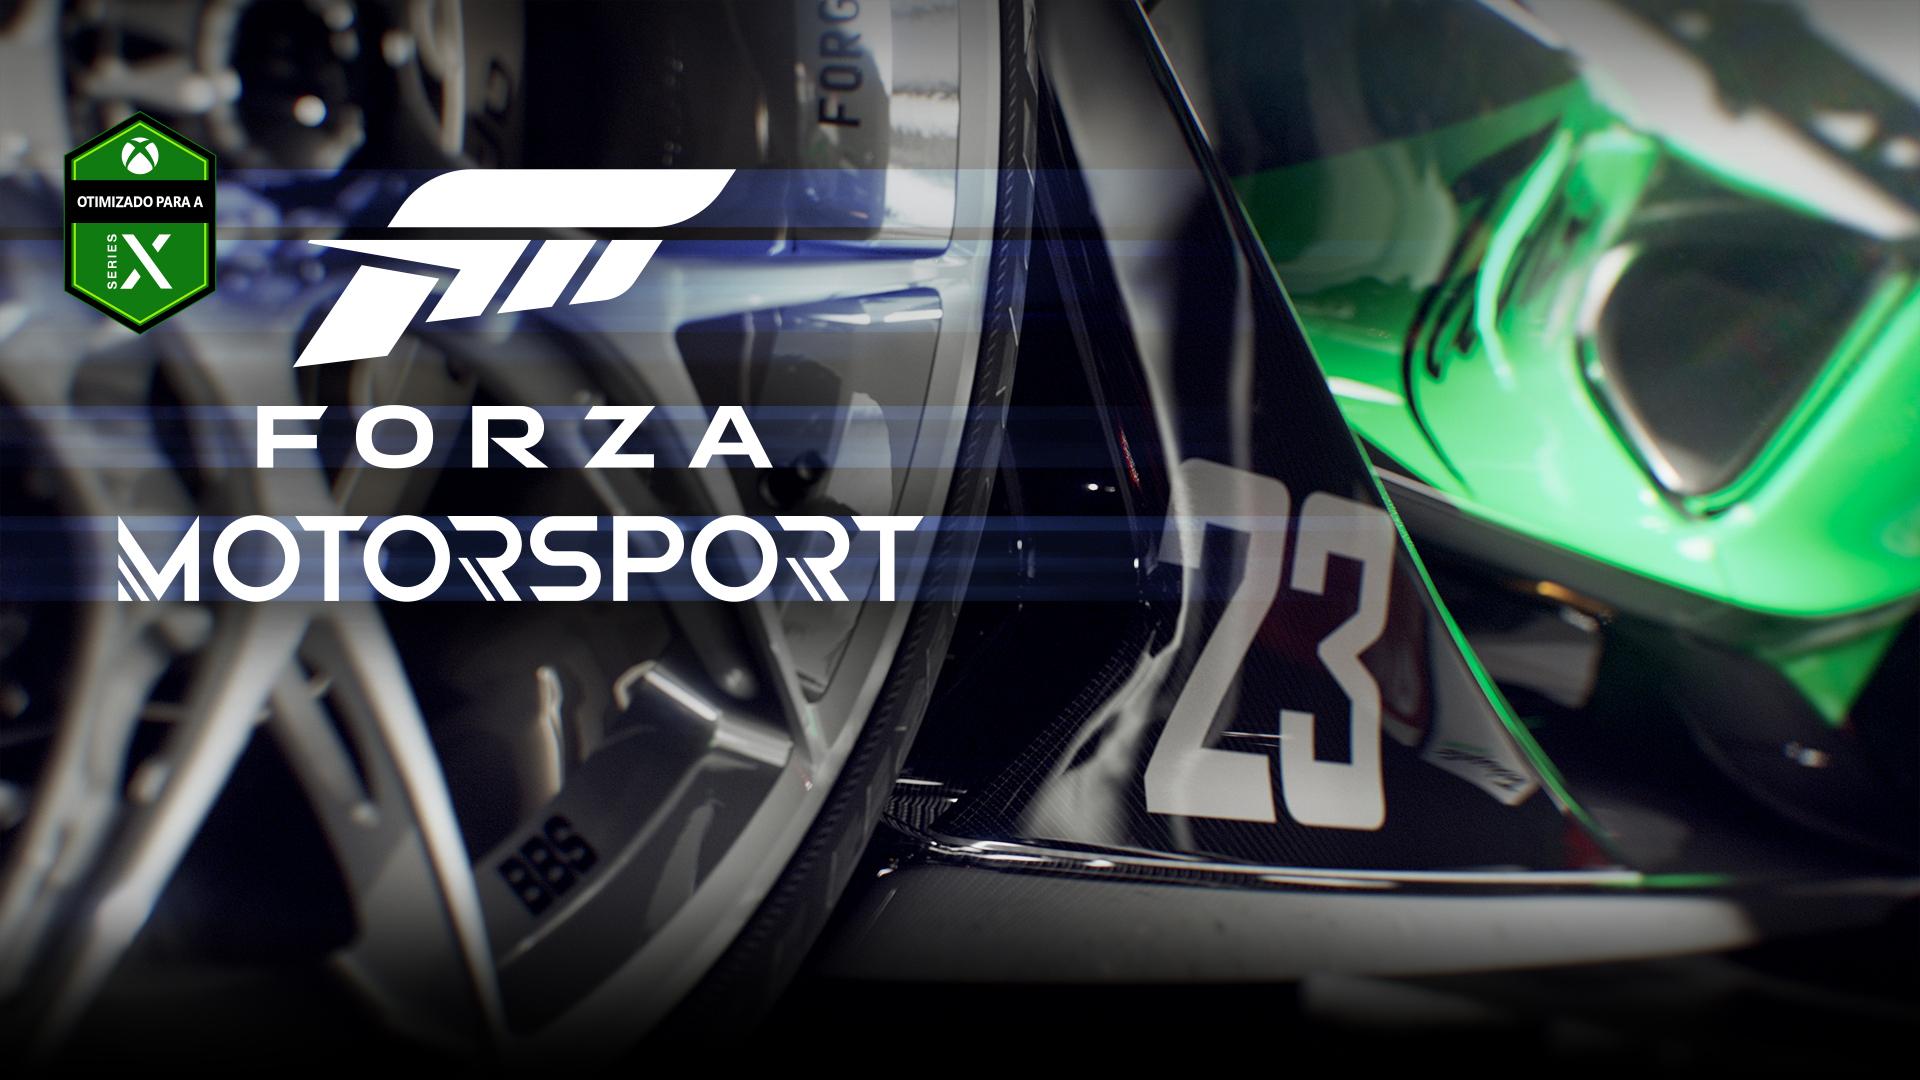 Otimizado para a Xbox Series X, Forza Motorsport, grande plano de uma roda